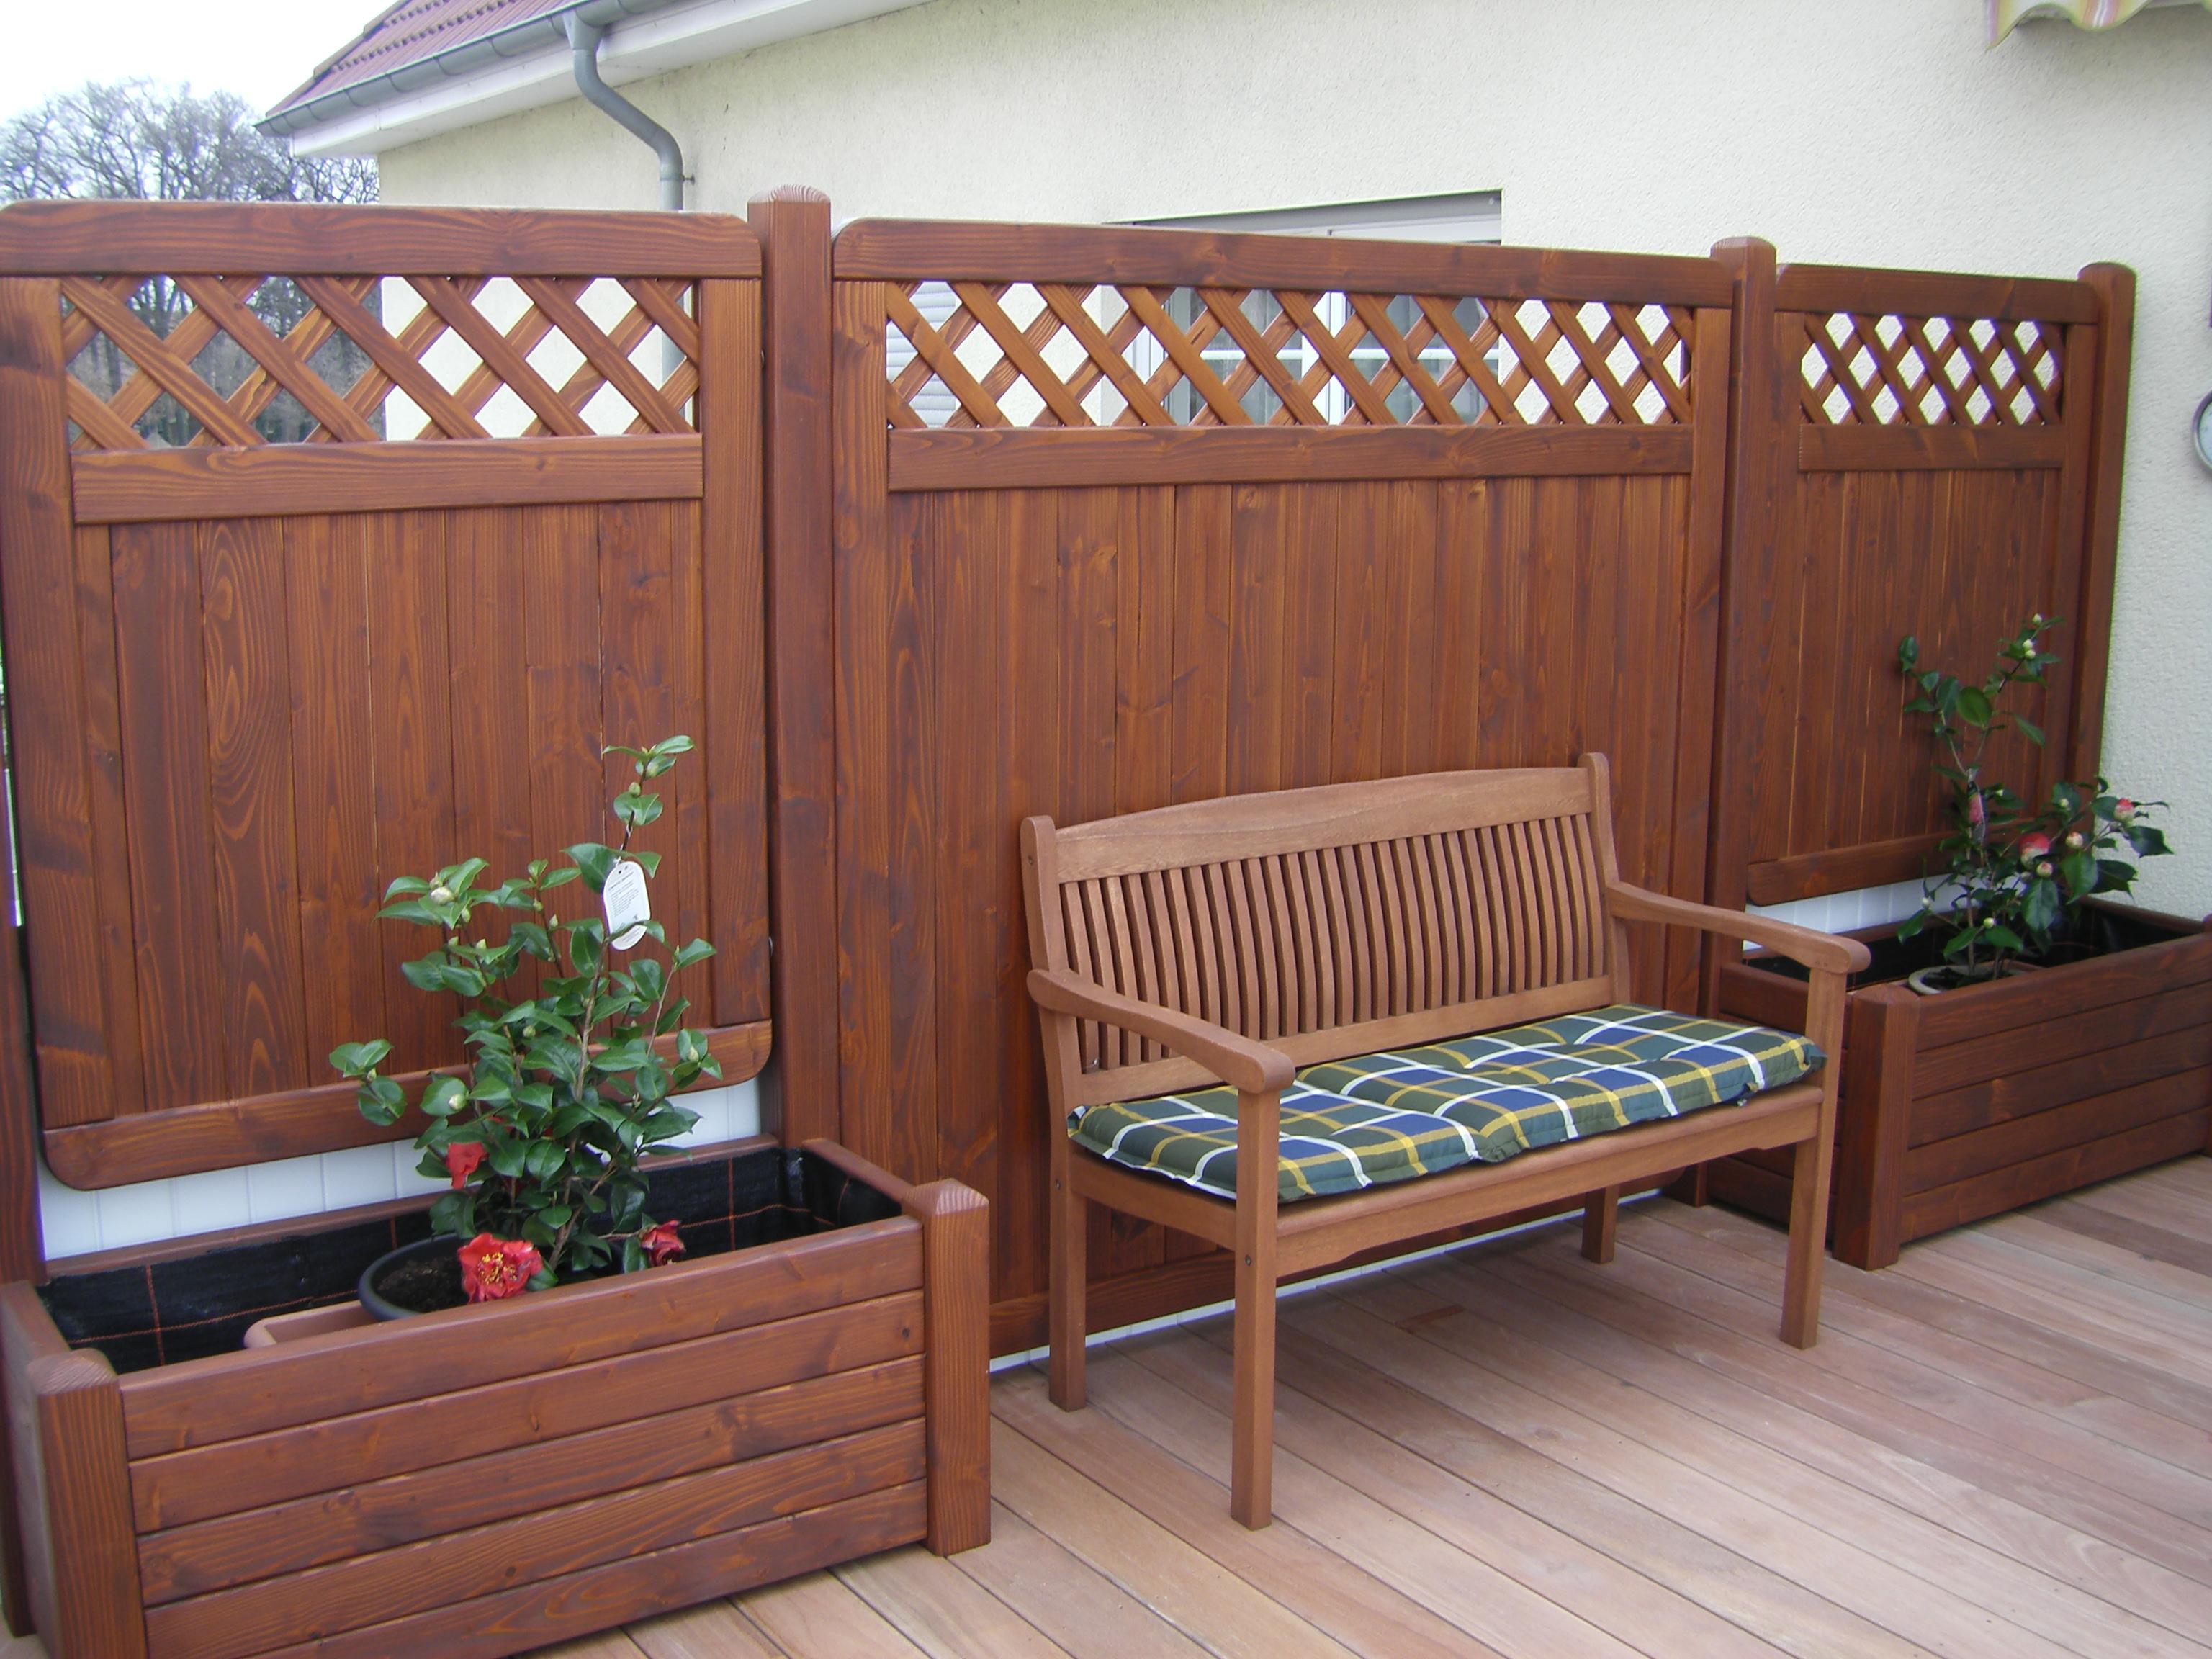 sichtblenden mit pflanzk sten bangkirais fussbodenbelag montiert auf einer dachterrasse. Black Bedroom Furniture Sets. Home Design Ideas